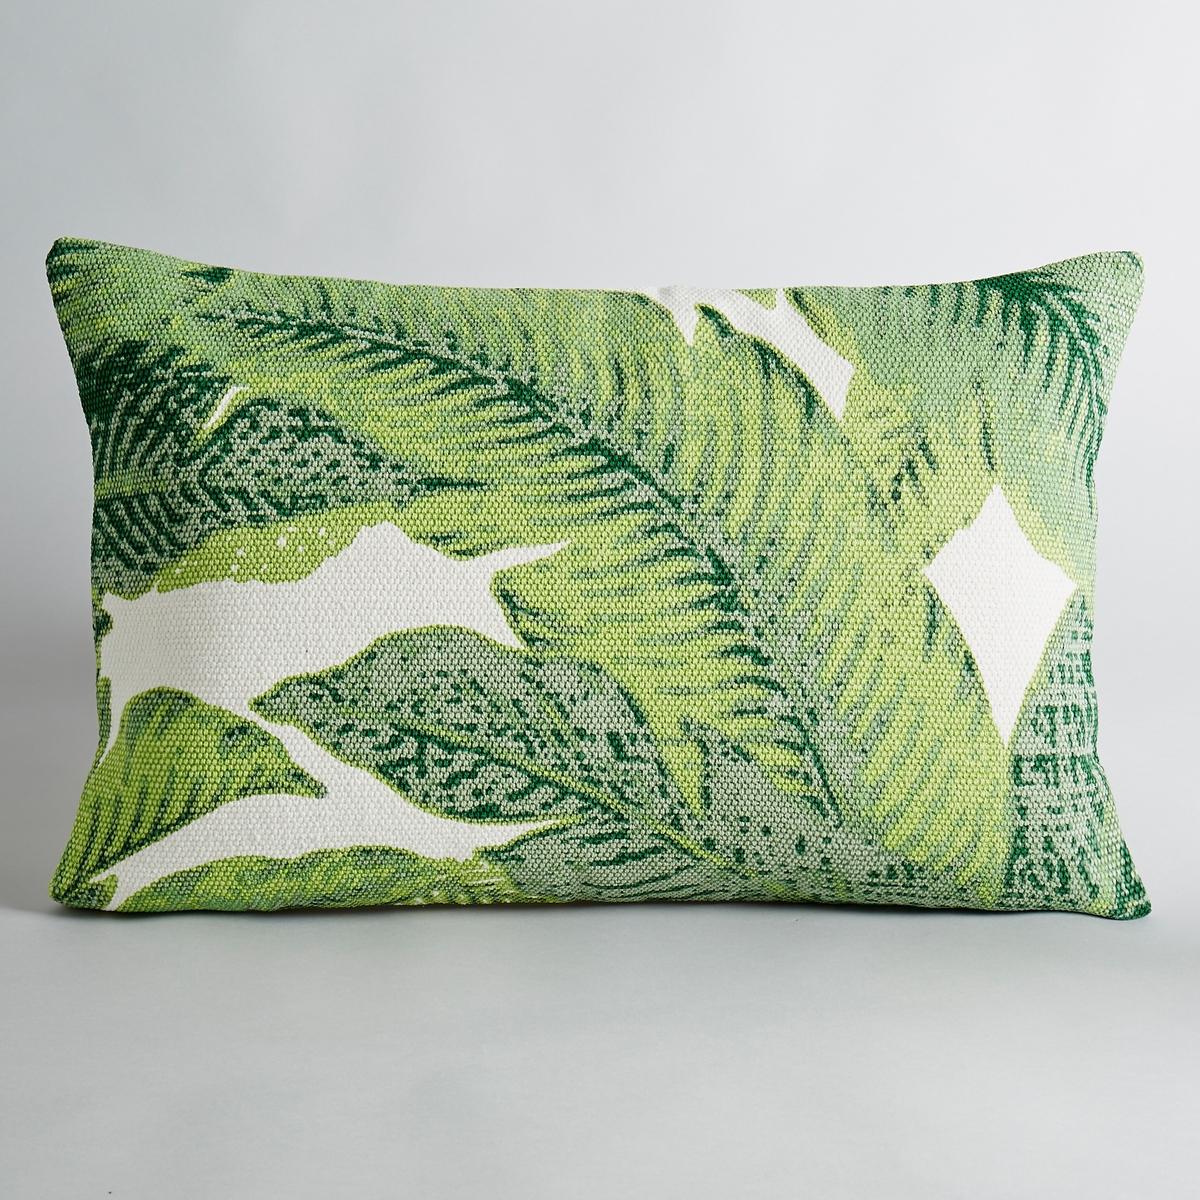 Чехол на подушку SaskiaЧехол на подушку с рисунком листья. 100 % хлопка. Застежка на молнию.Размеры:. 60 x 40 см.<br><br>Цвет: набивной рисунок